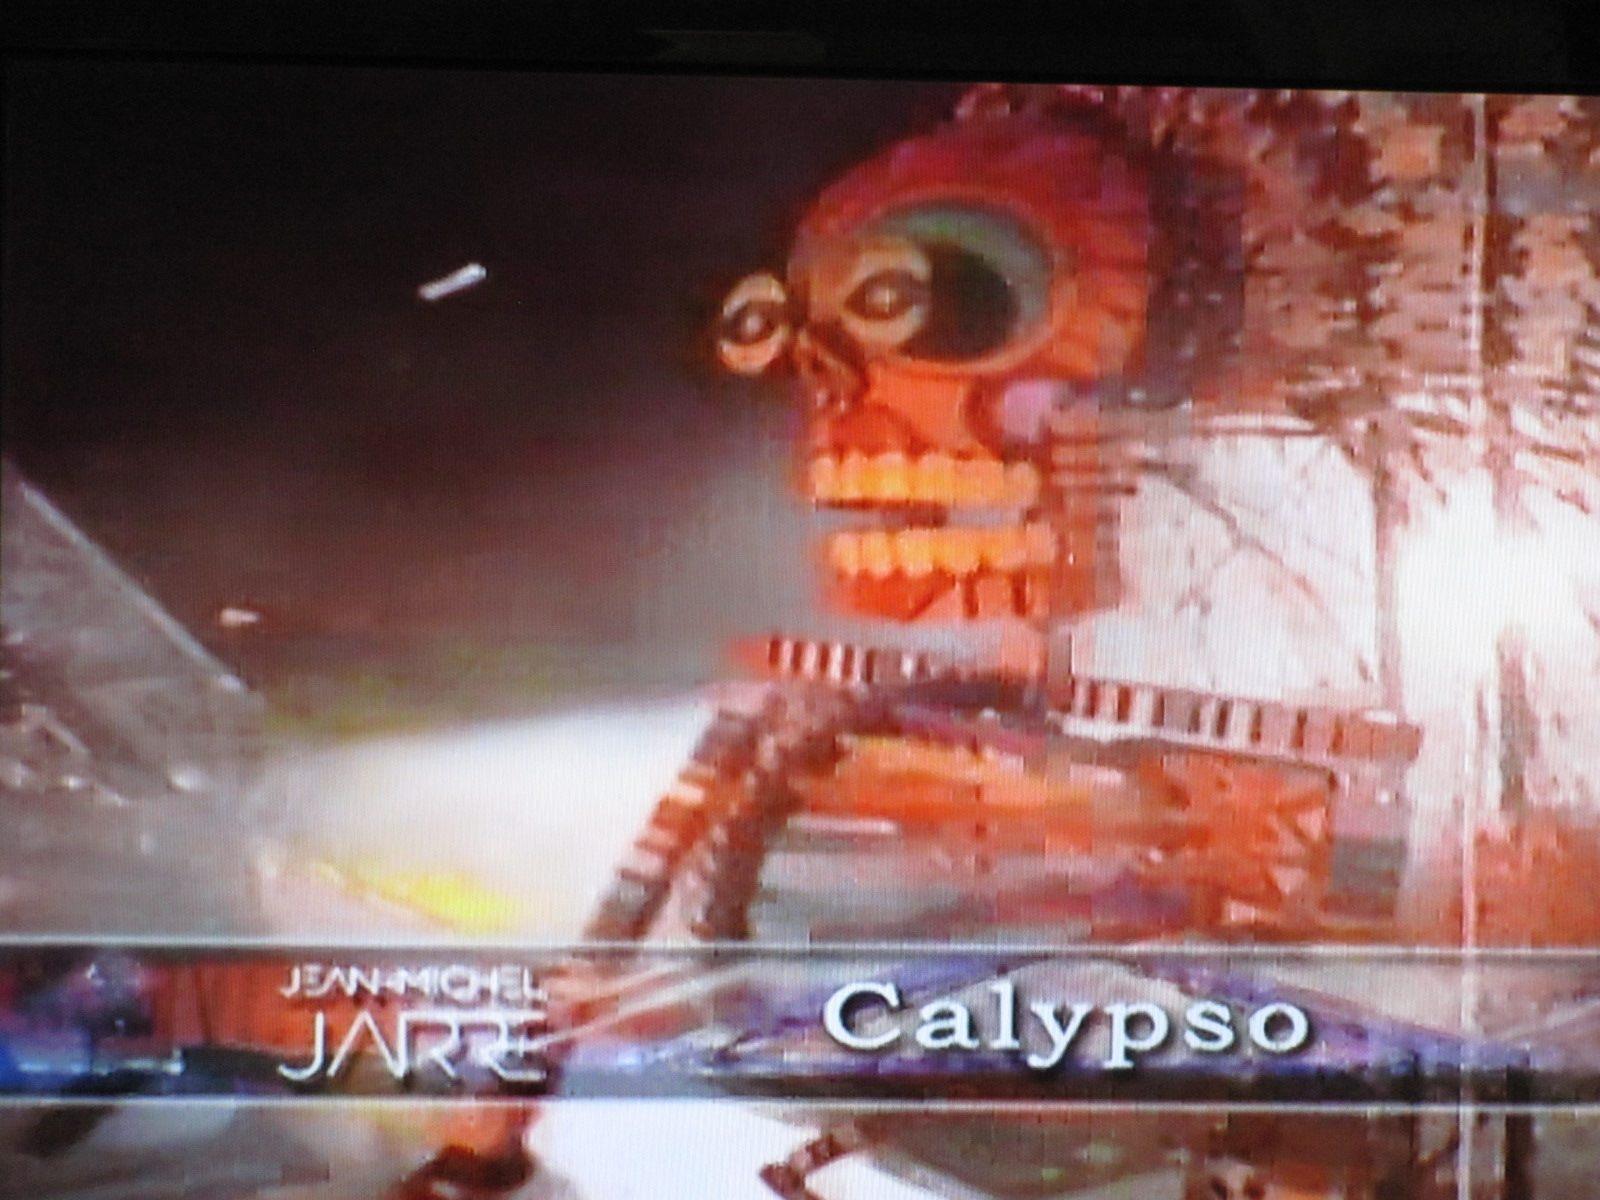 Imagem do vídeo apresenta pixalização .